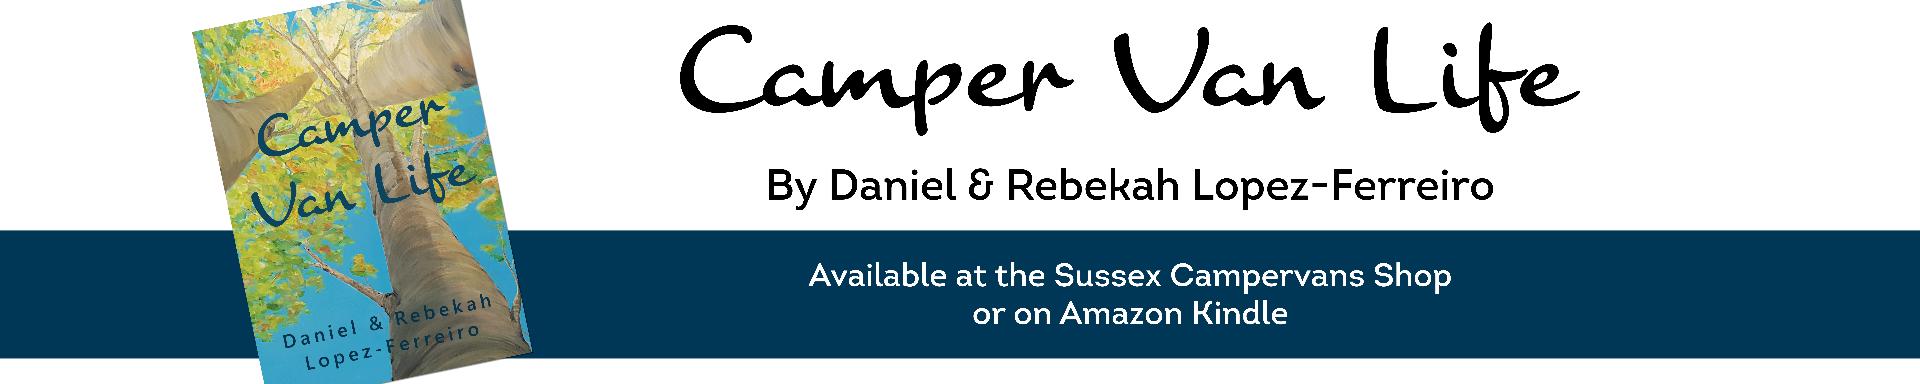 CamperVanLifeBookBanner.png